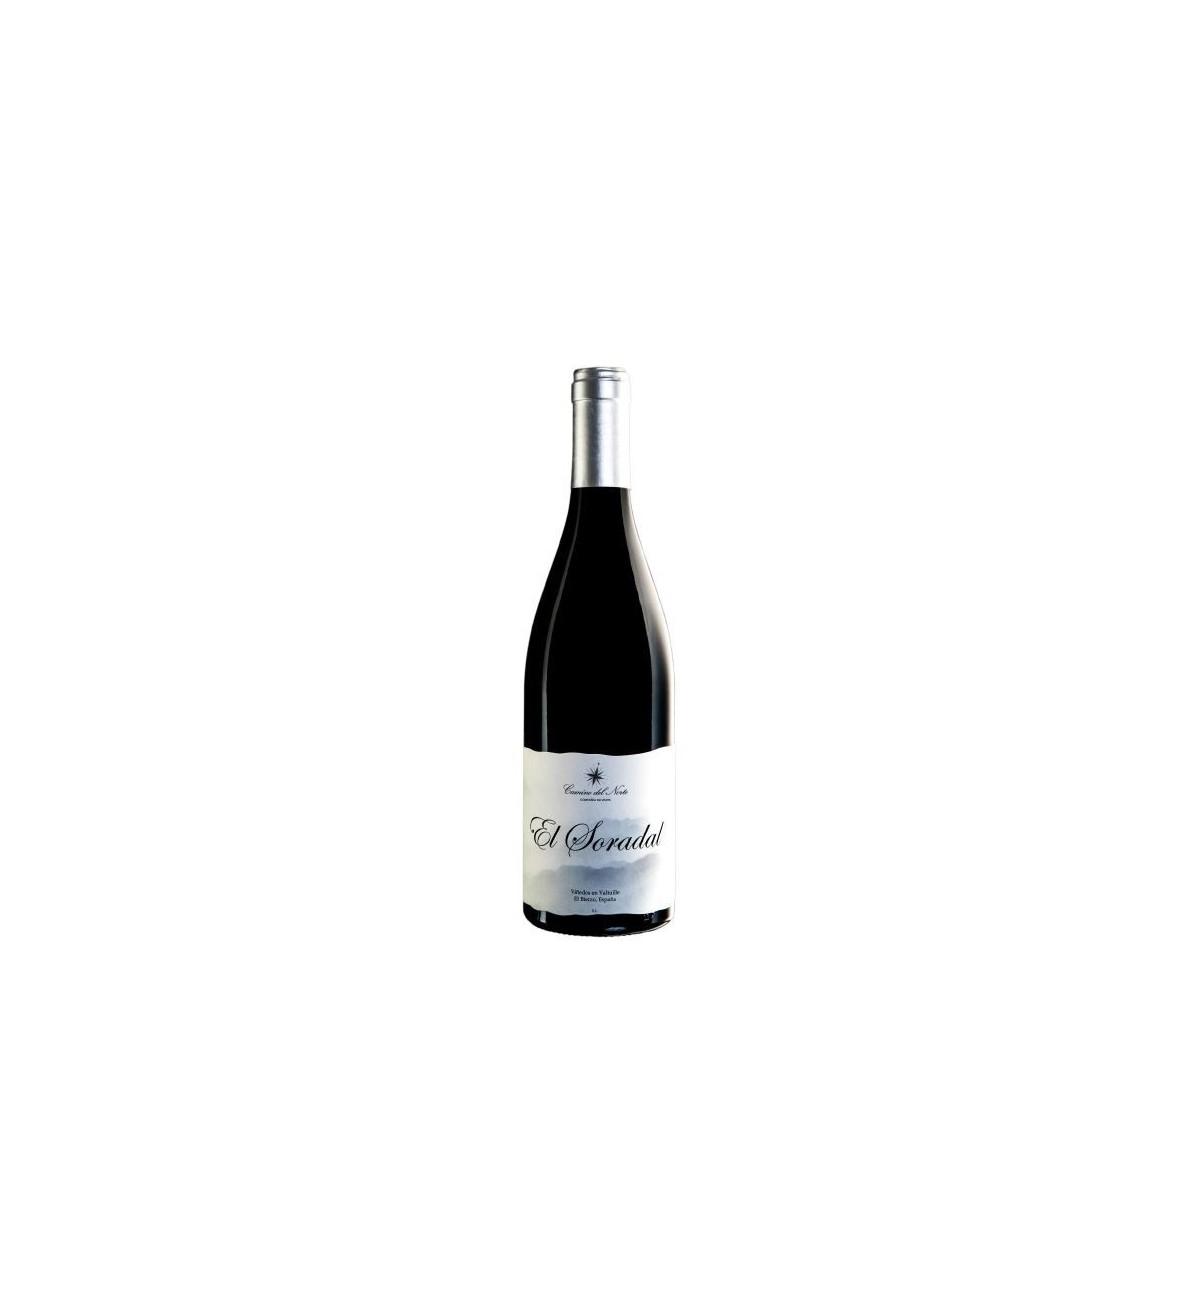 El Soradal 2015 - Camino del Norte - Enólogo Raúl Pérez - Viñedos en Valtuille - El Bierzo - Mencía y Pinot Noir